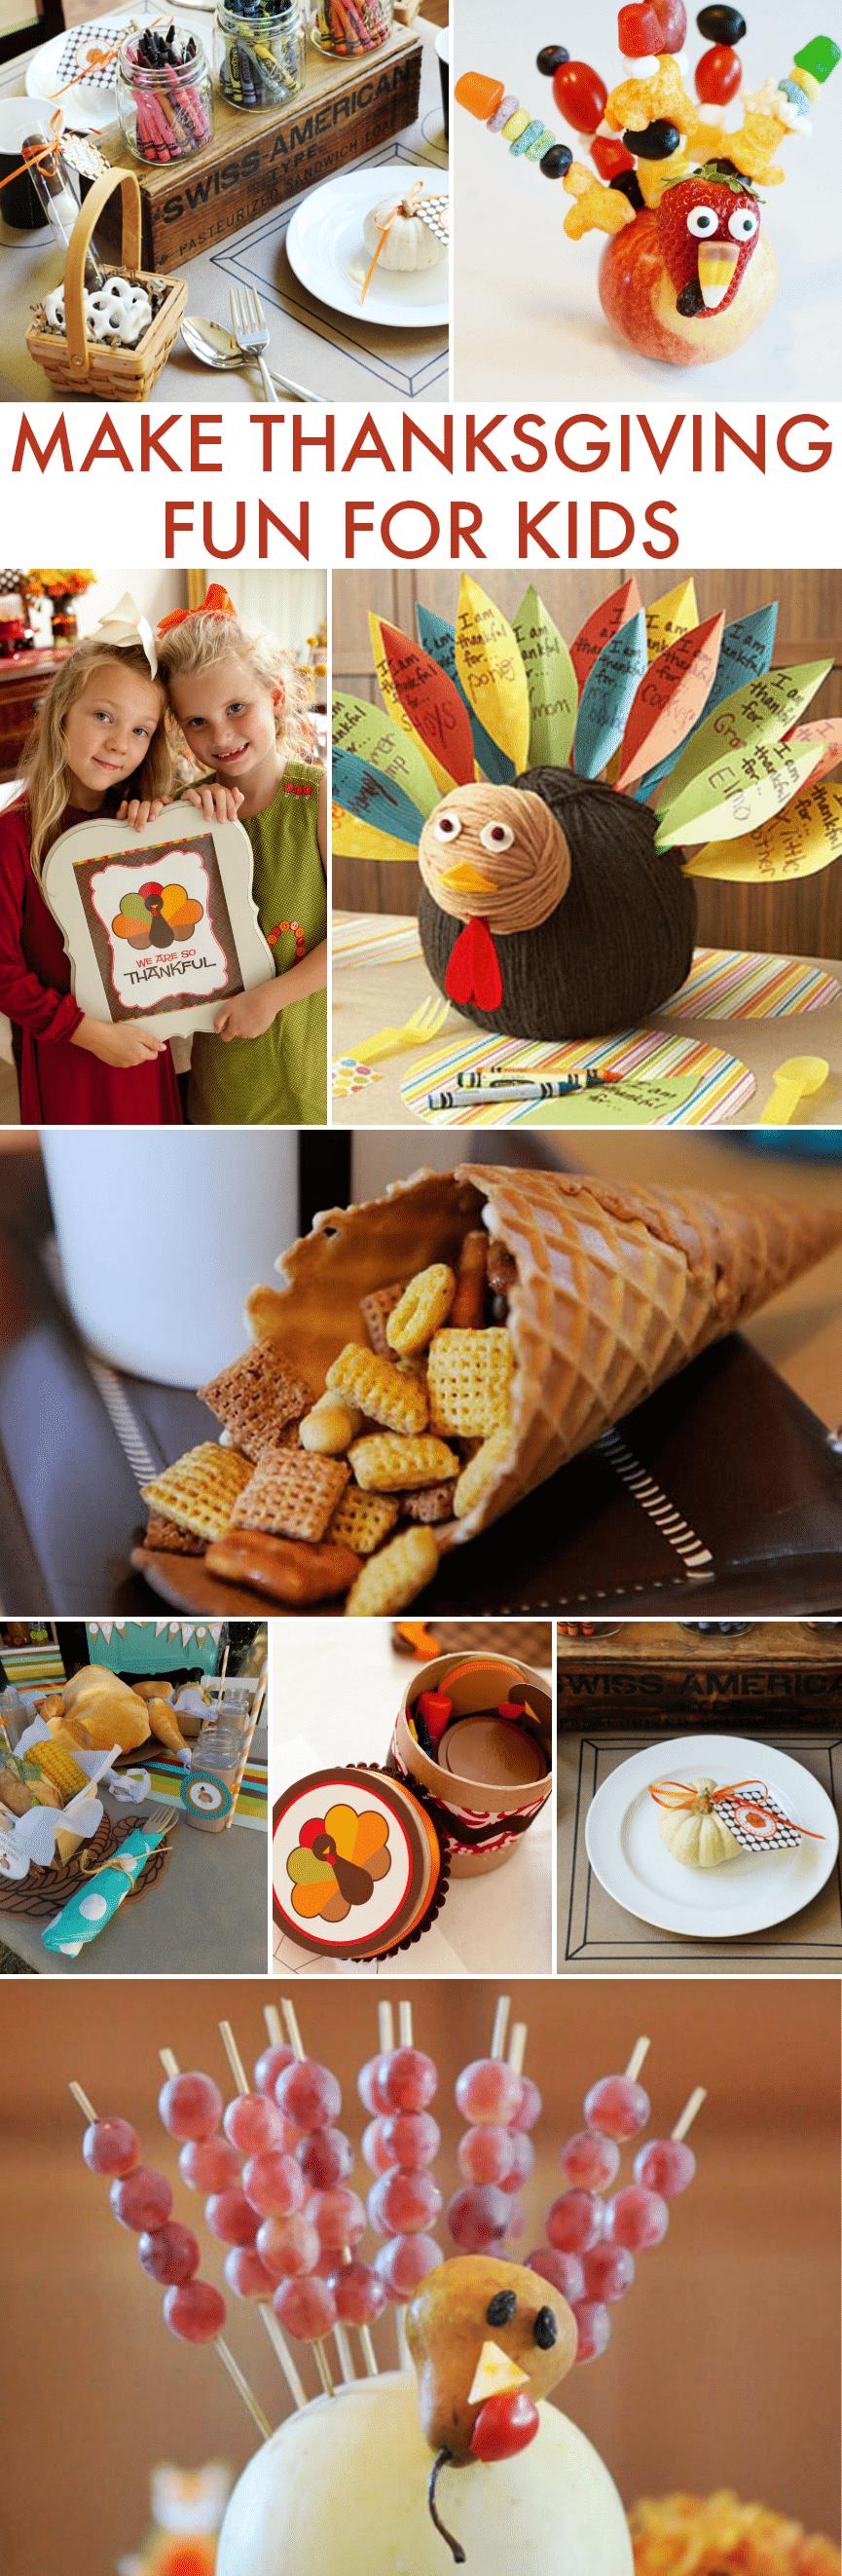 Make Thanksgiving Fun for Kids